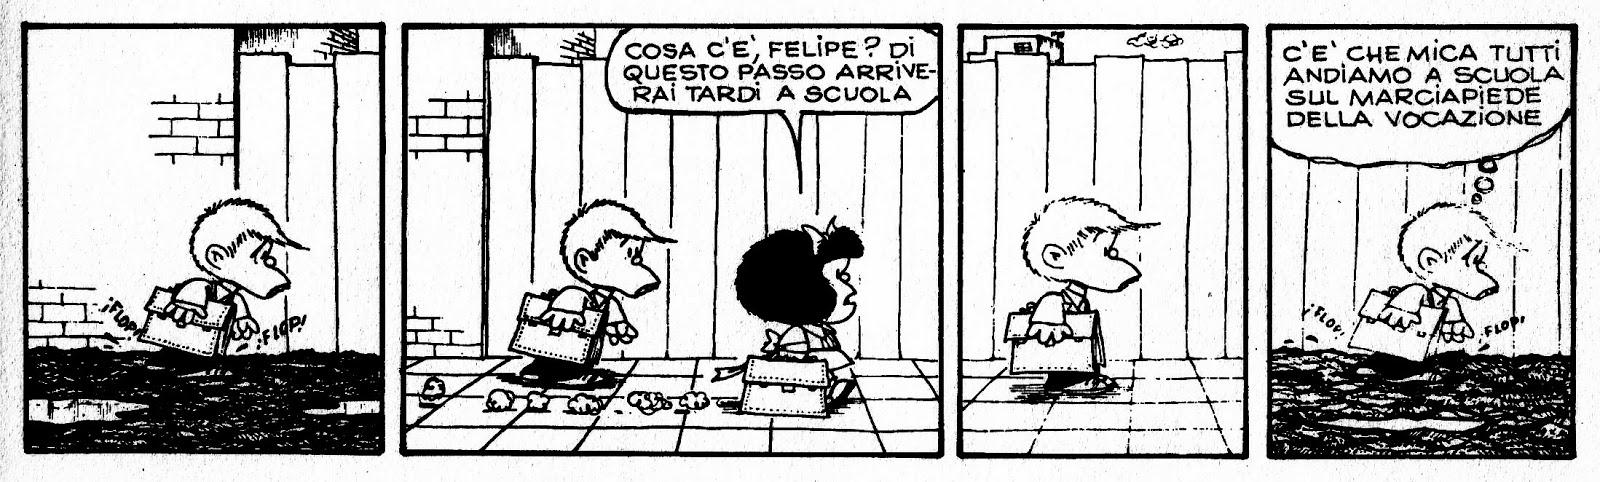 mafalda+5.jpg